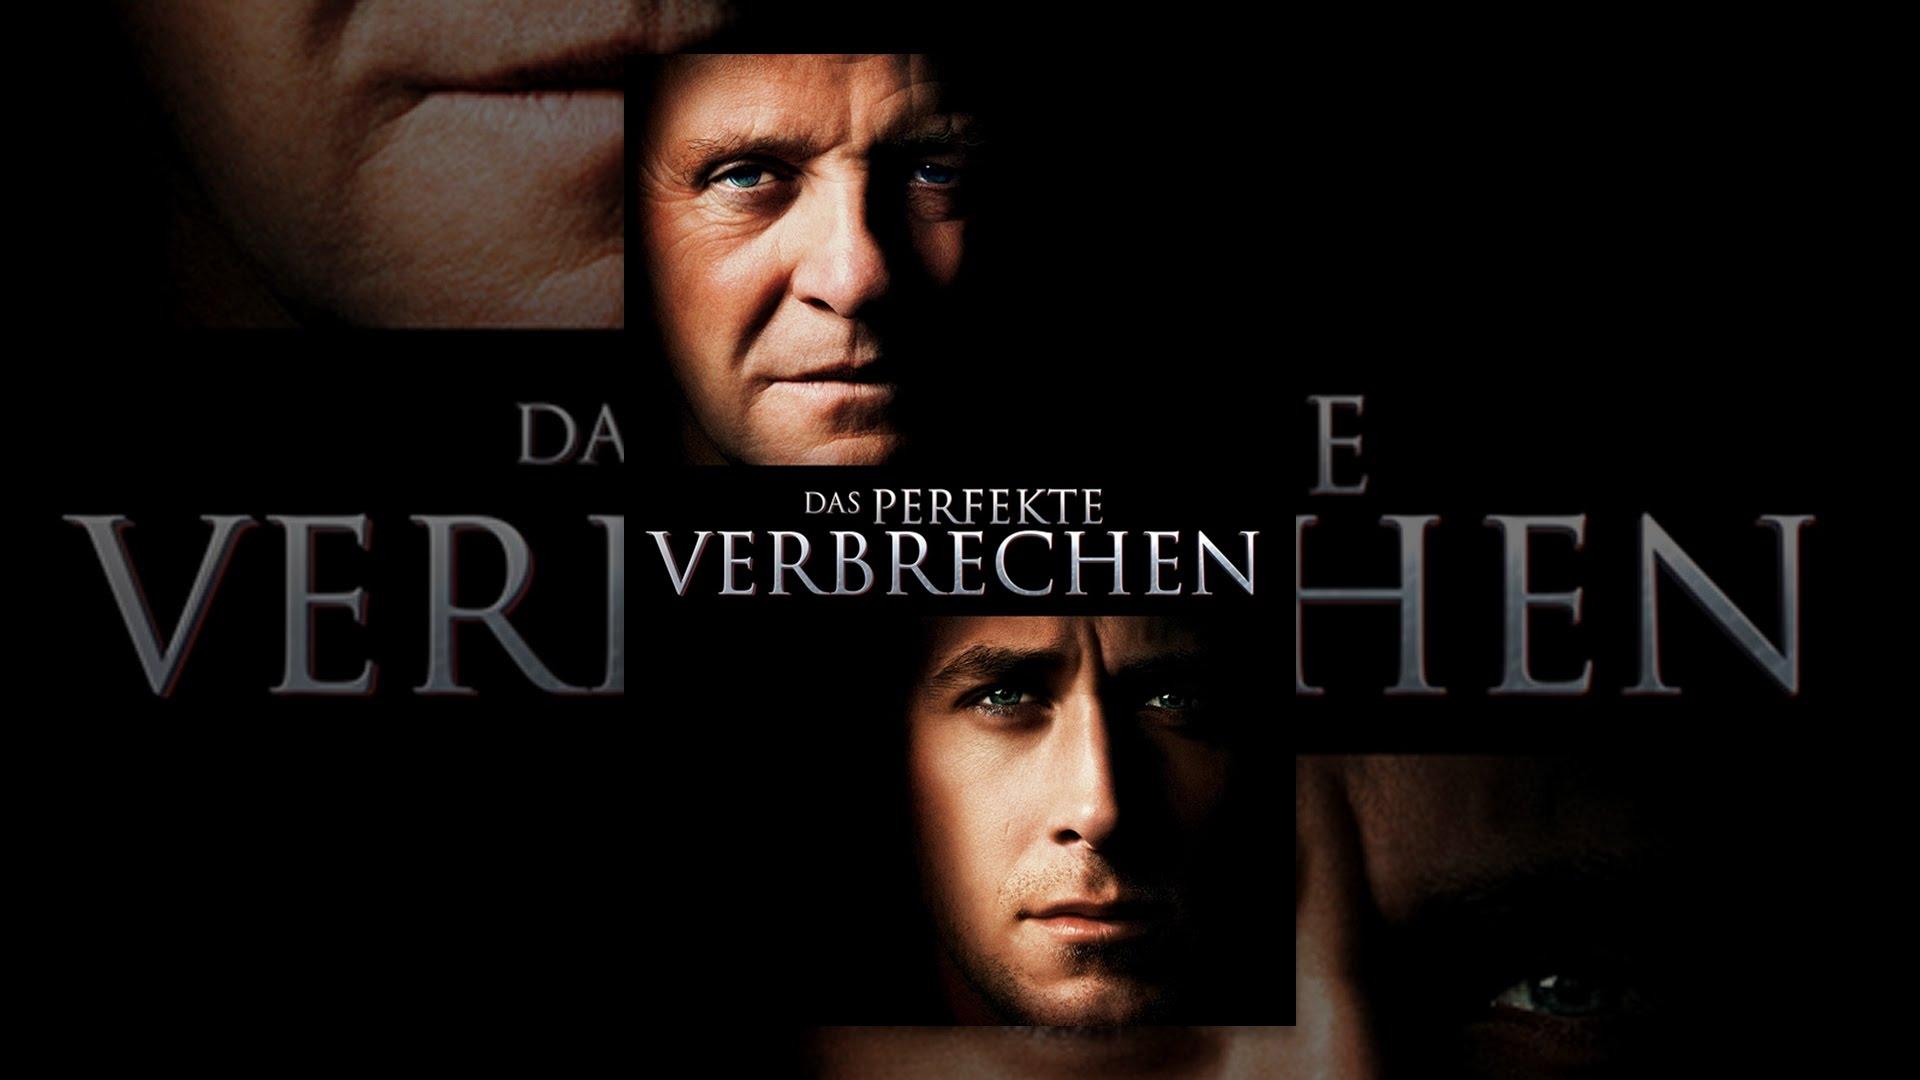 Das Perfekte Verbrechen Film